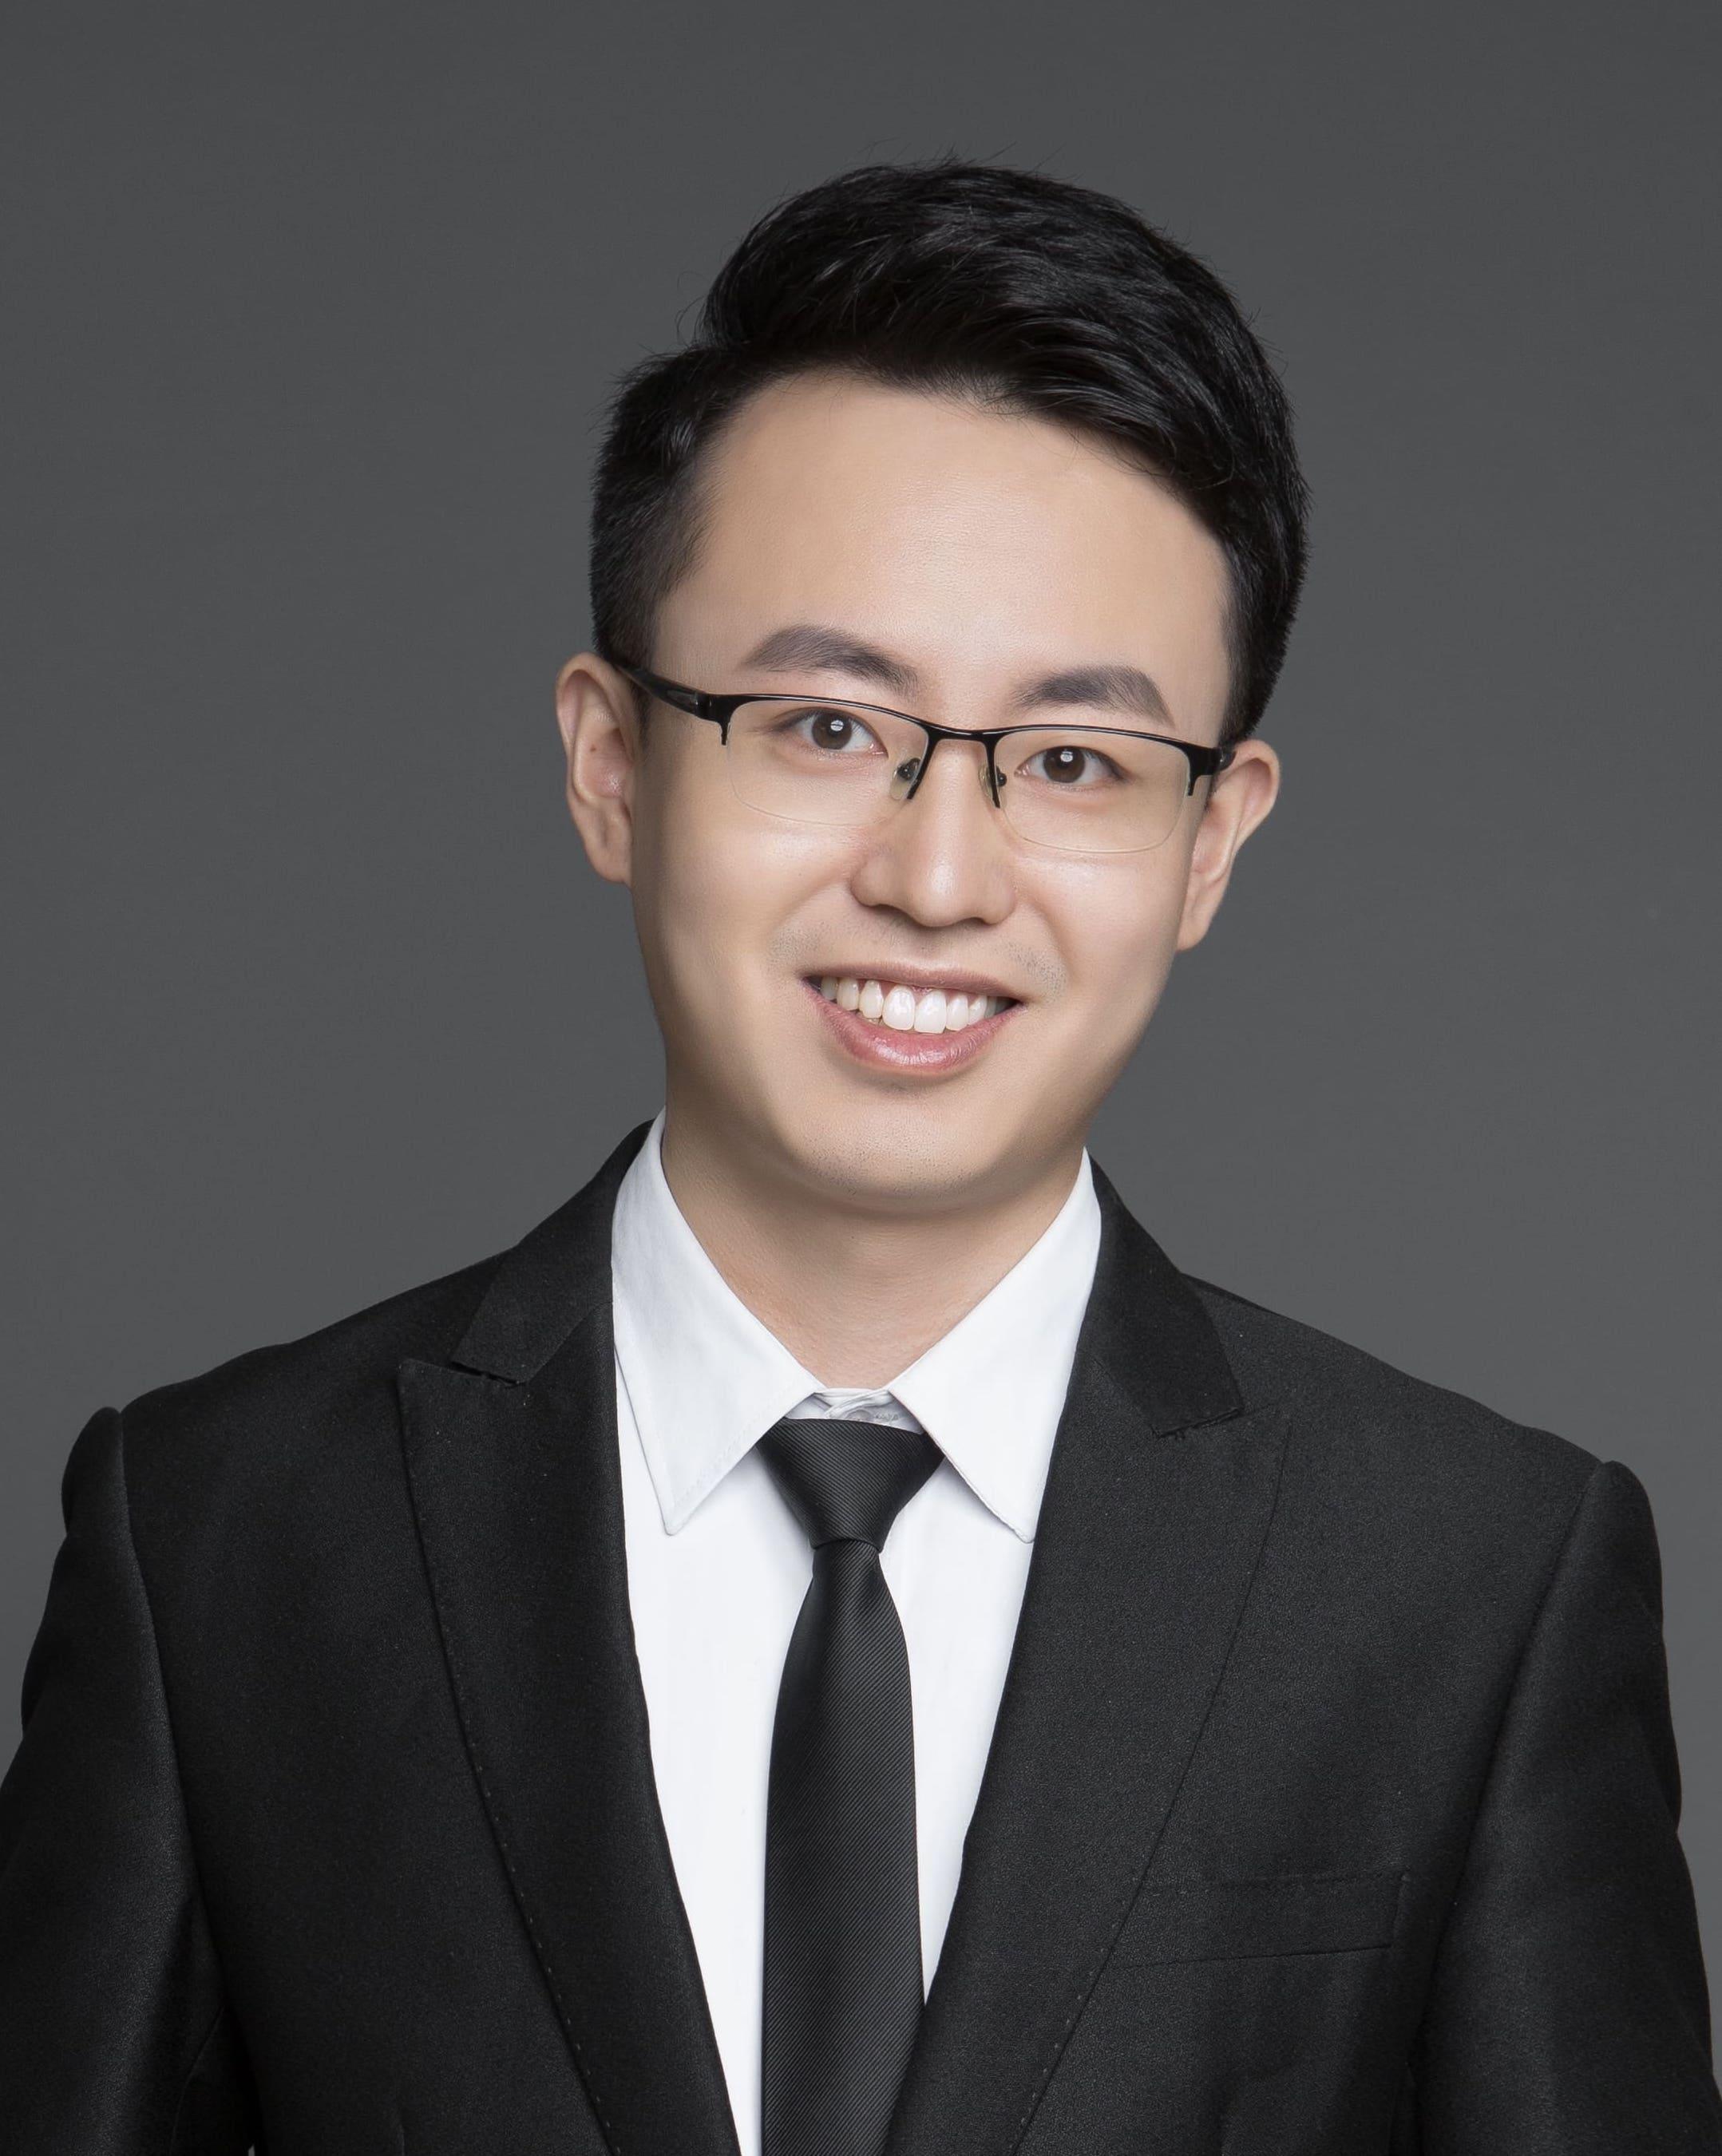 Jianyu Chen